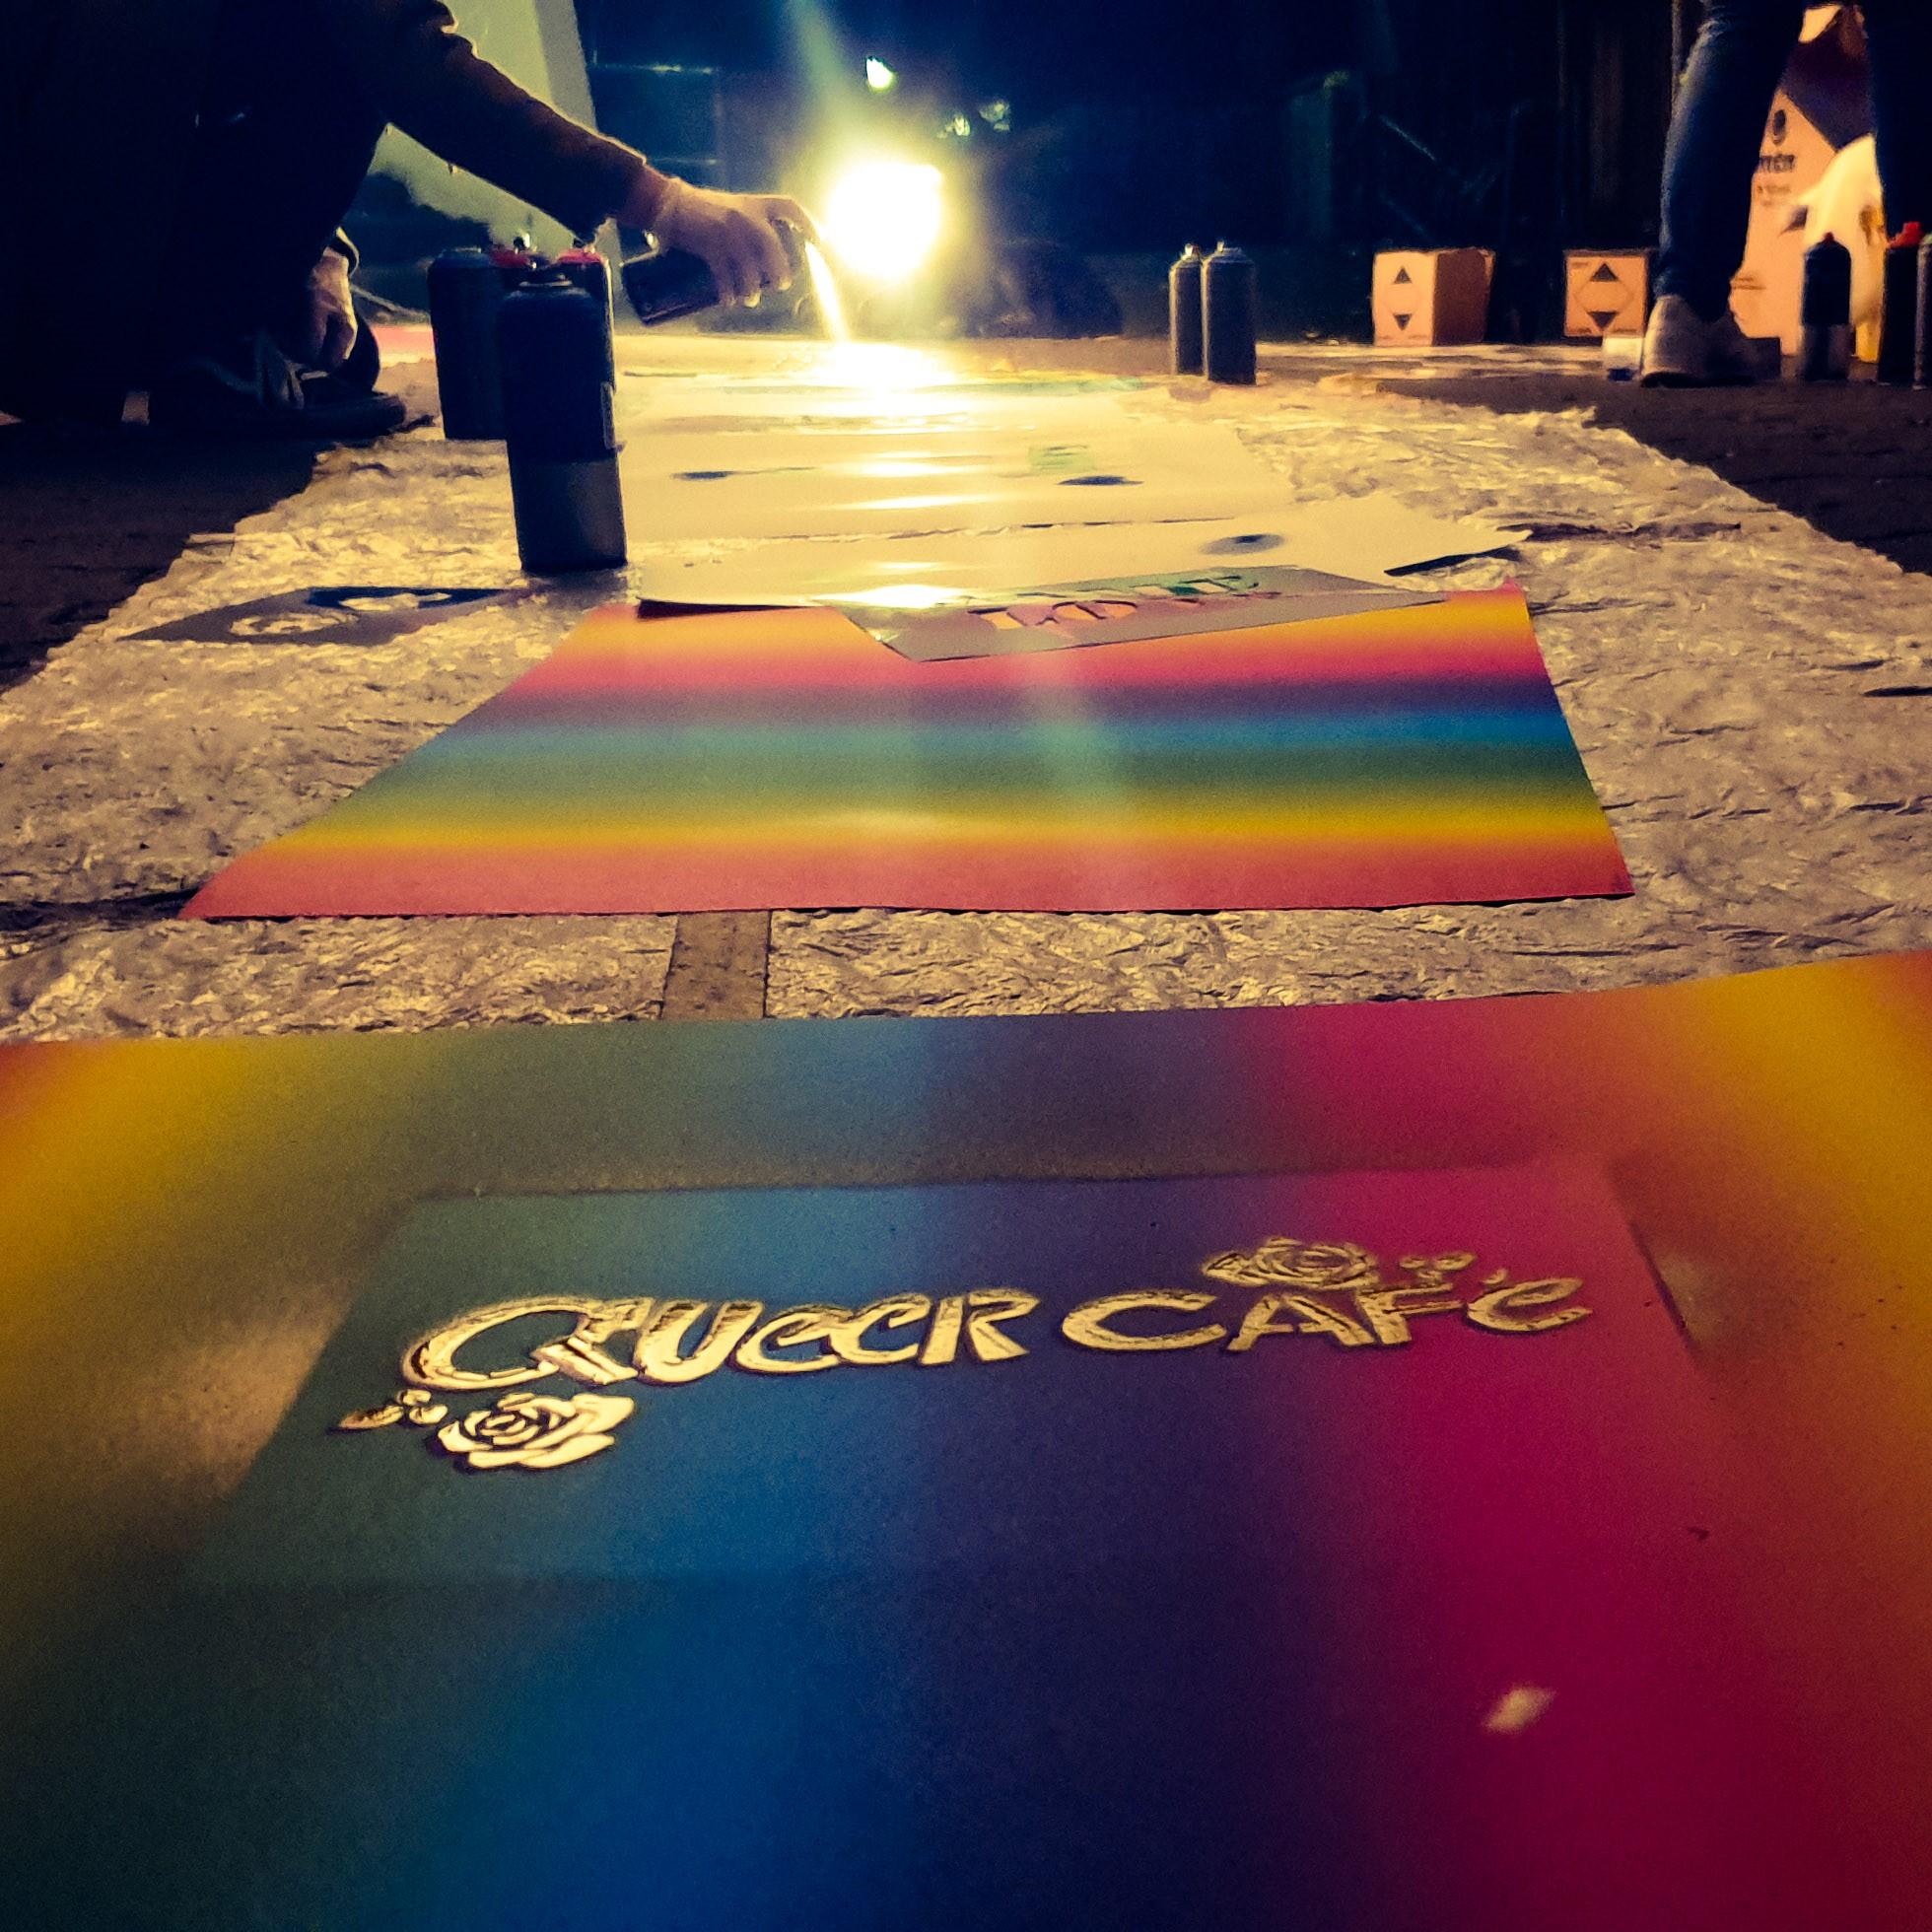 Das Bild zeigt im Vordergrund ein Plakat auf dem Queer Cafe steht im Hintergrund sieht man wie Menschen Plakate besprühen